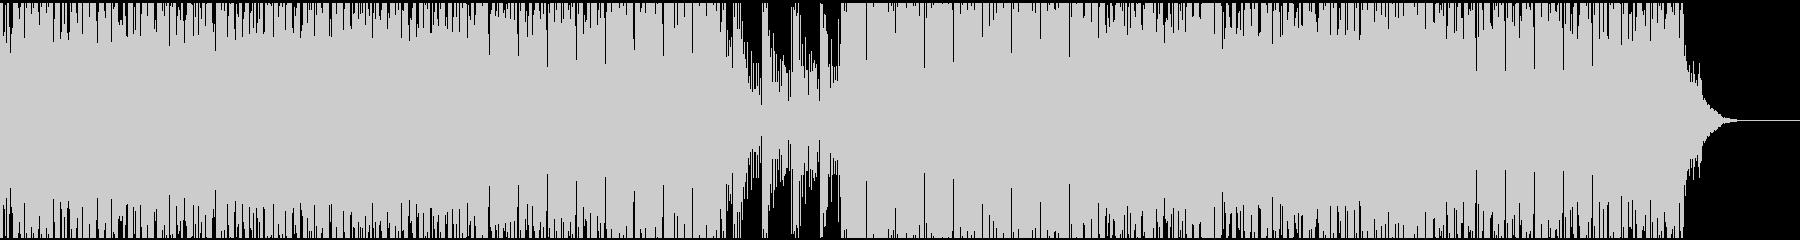 低音が効いた力強いシンセサウンドEDMの未再生の波形